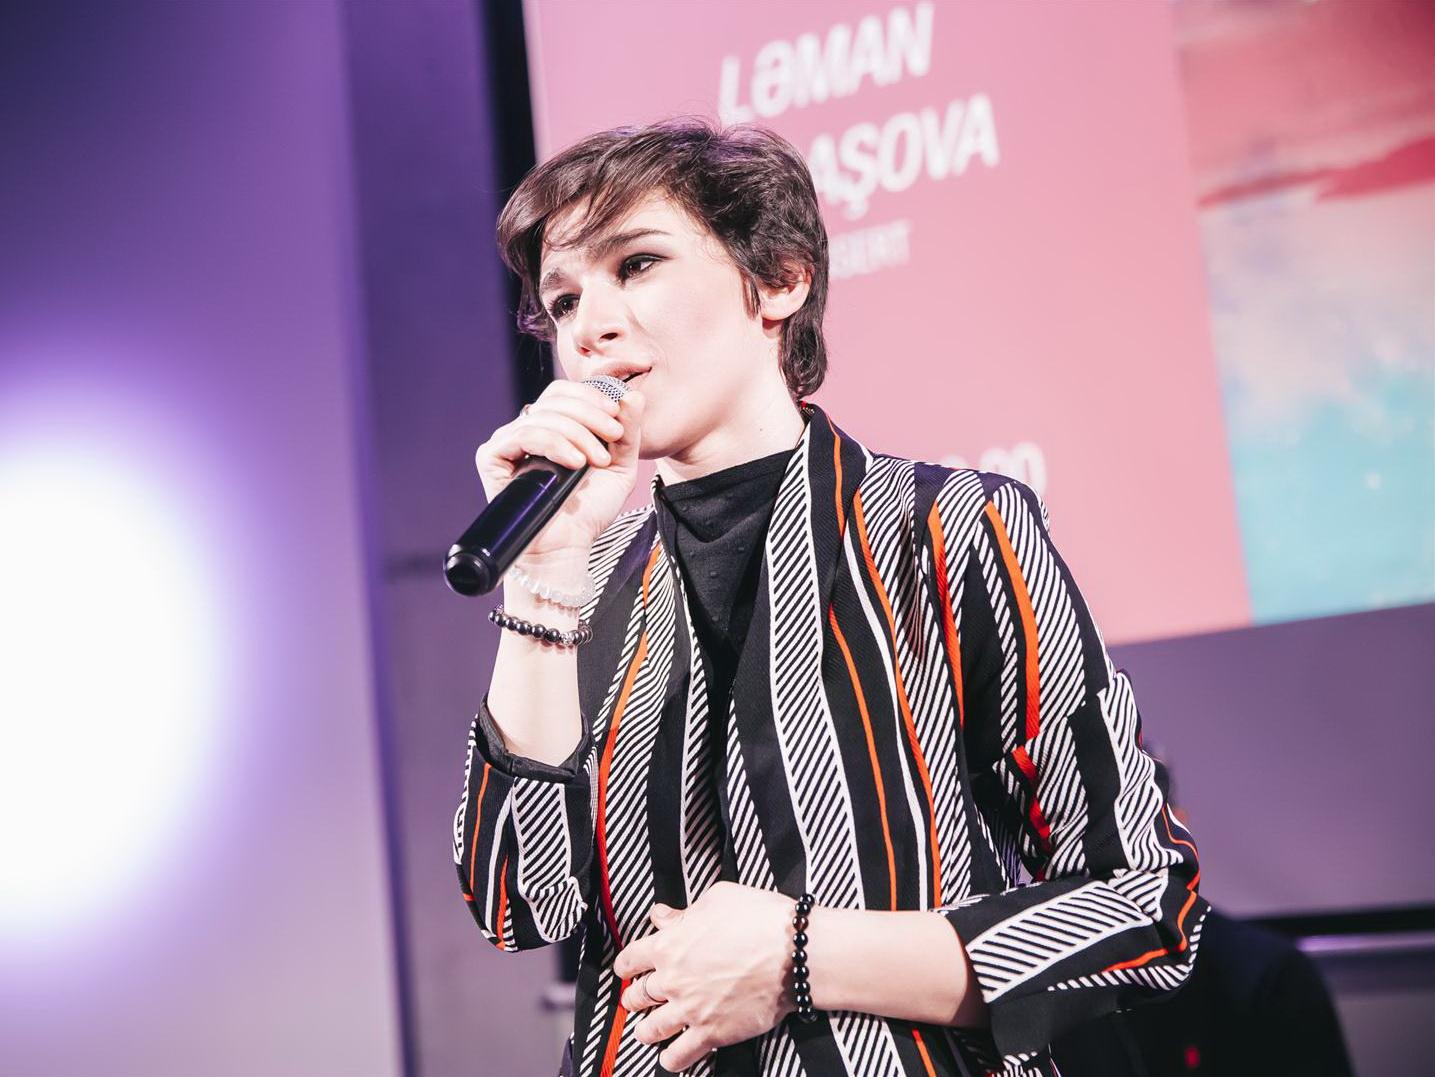 Ляман Дадашева выступила в Yarat с концертной программой «Fusion» - ФОТО